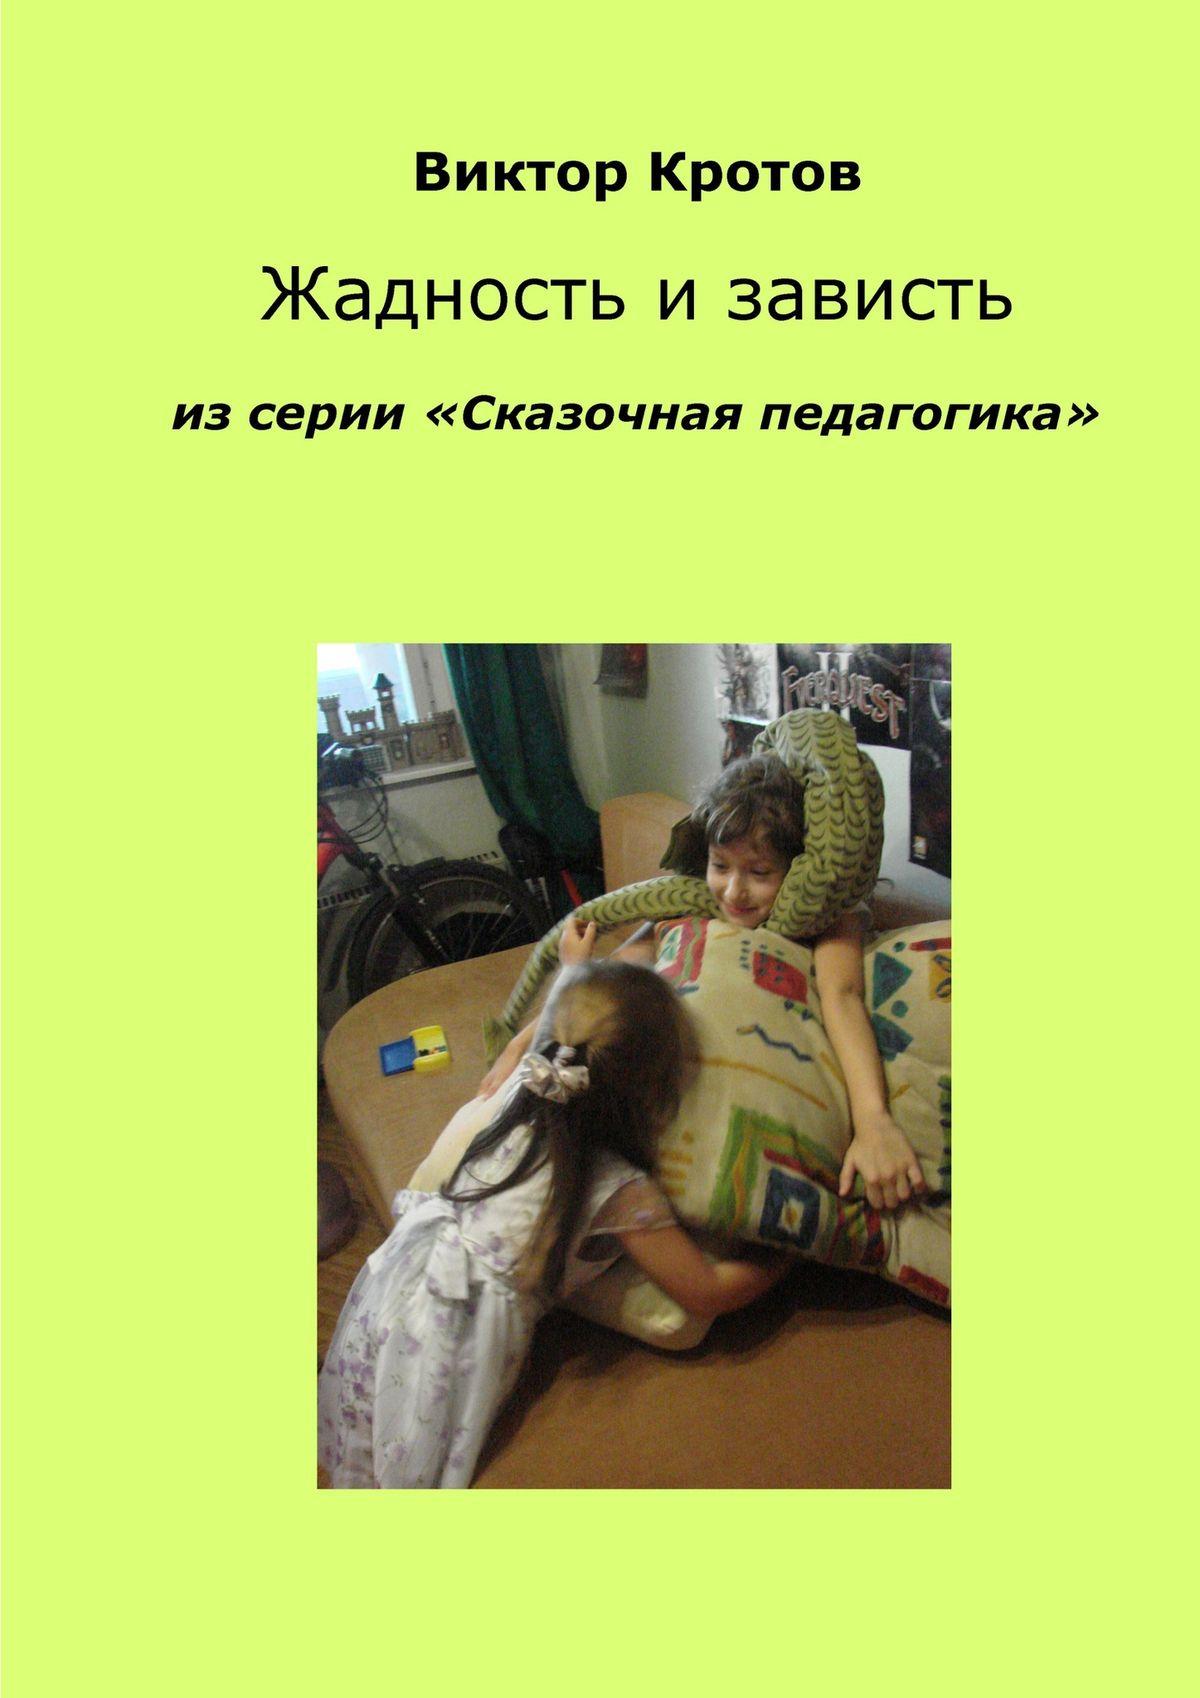 Виктор Кротов Жадность и зависть. Из серии «Сказочная педагогика» кротов виктор гаврилович сказочная педагогика понимание другого